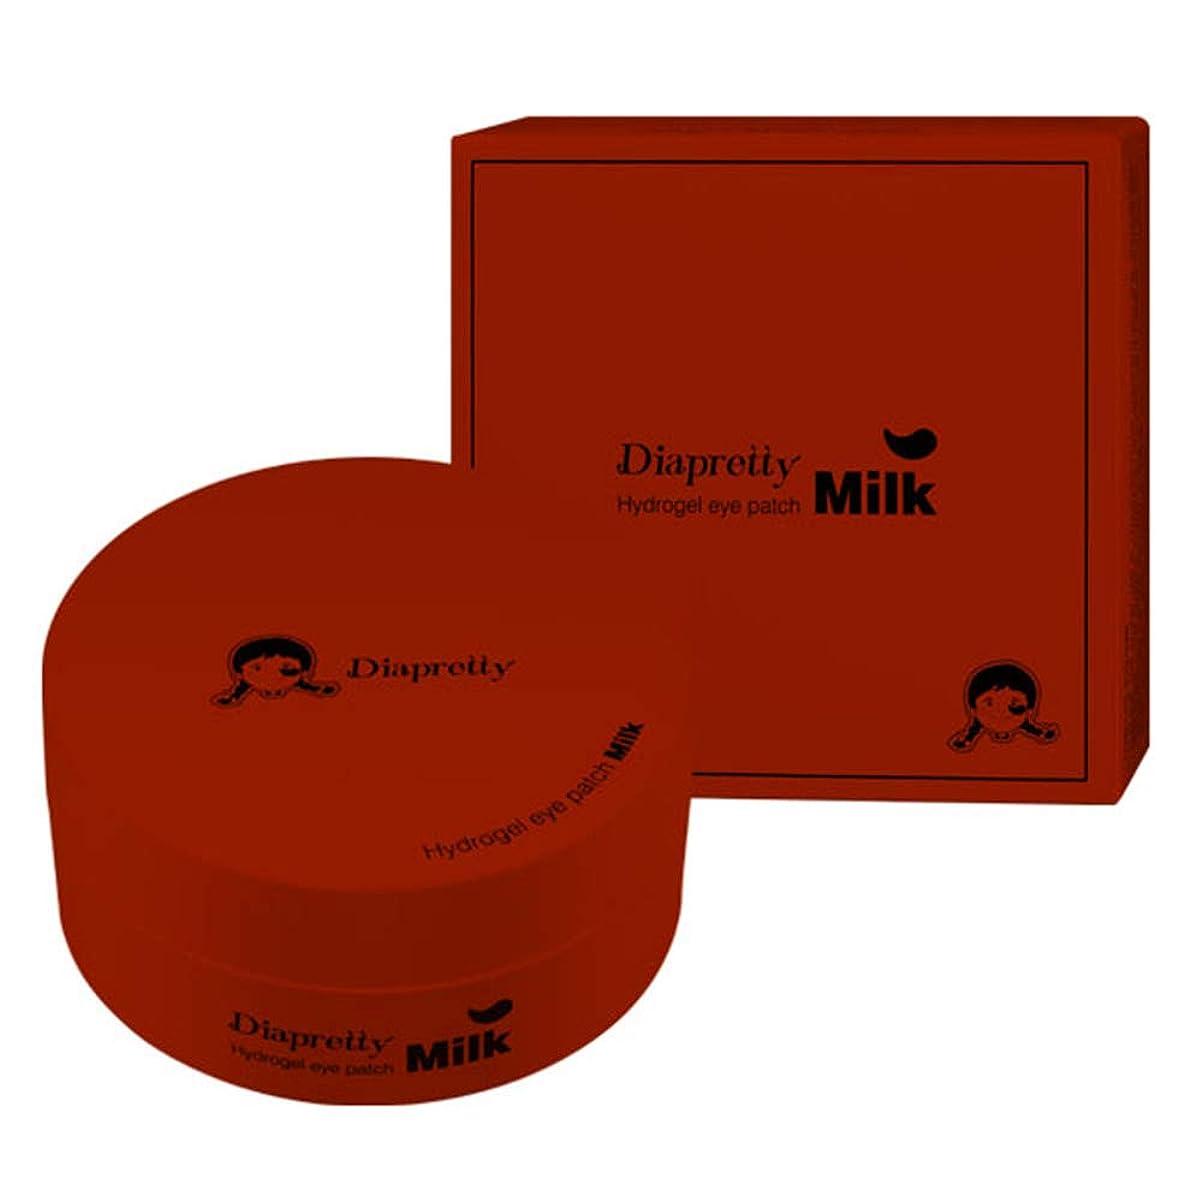 バットエアコンスノーケル[ダイアプリティ] ハイドロゲルア イパッチ (Red Ginseng) 60枚, [Diapretty] Hydrogel Eyepatch(Red Ginseng) 60pieces